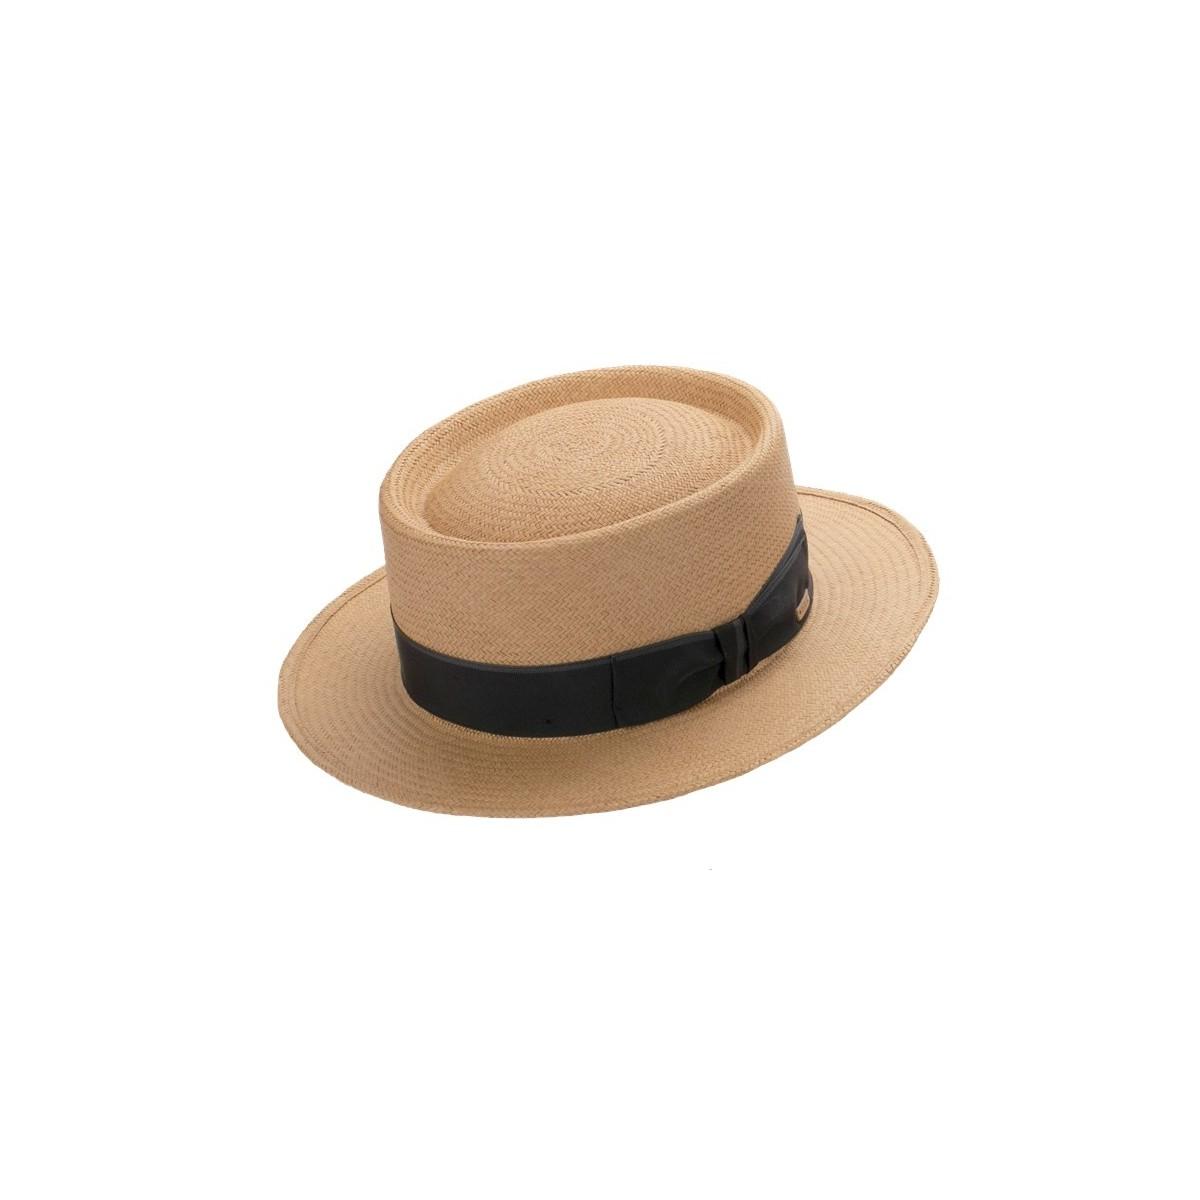 Duque sombrero de hombre panamá Pork Pie en color lima con cinta a rayas Grograin en negro y gris. Fernández y ROCHE